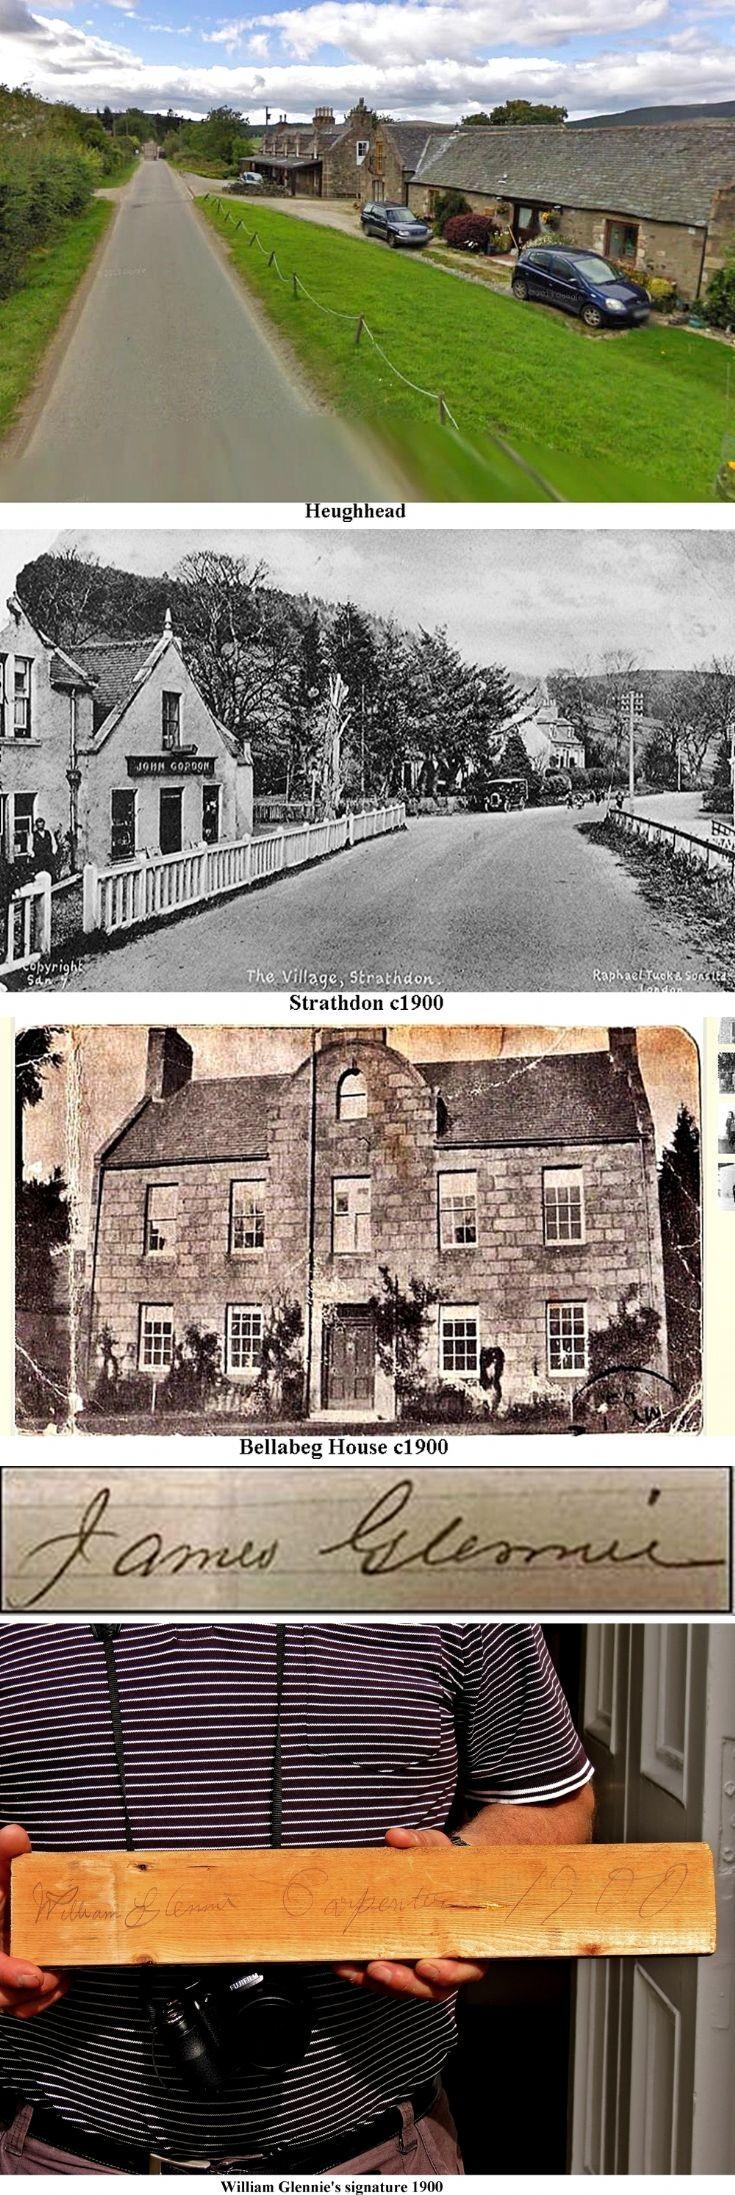 4 Glennies in Strathdon